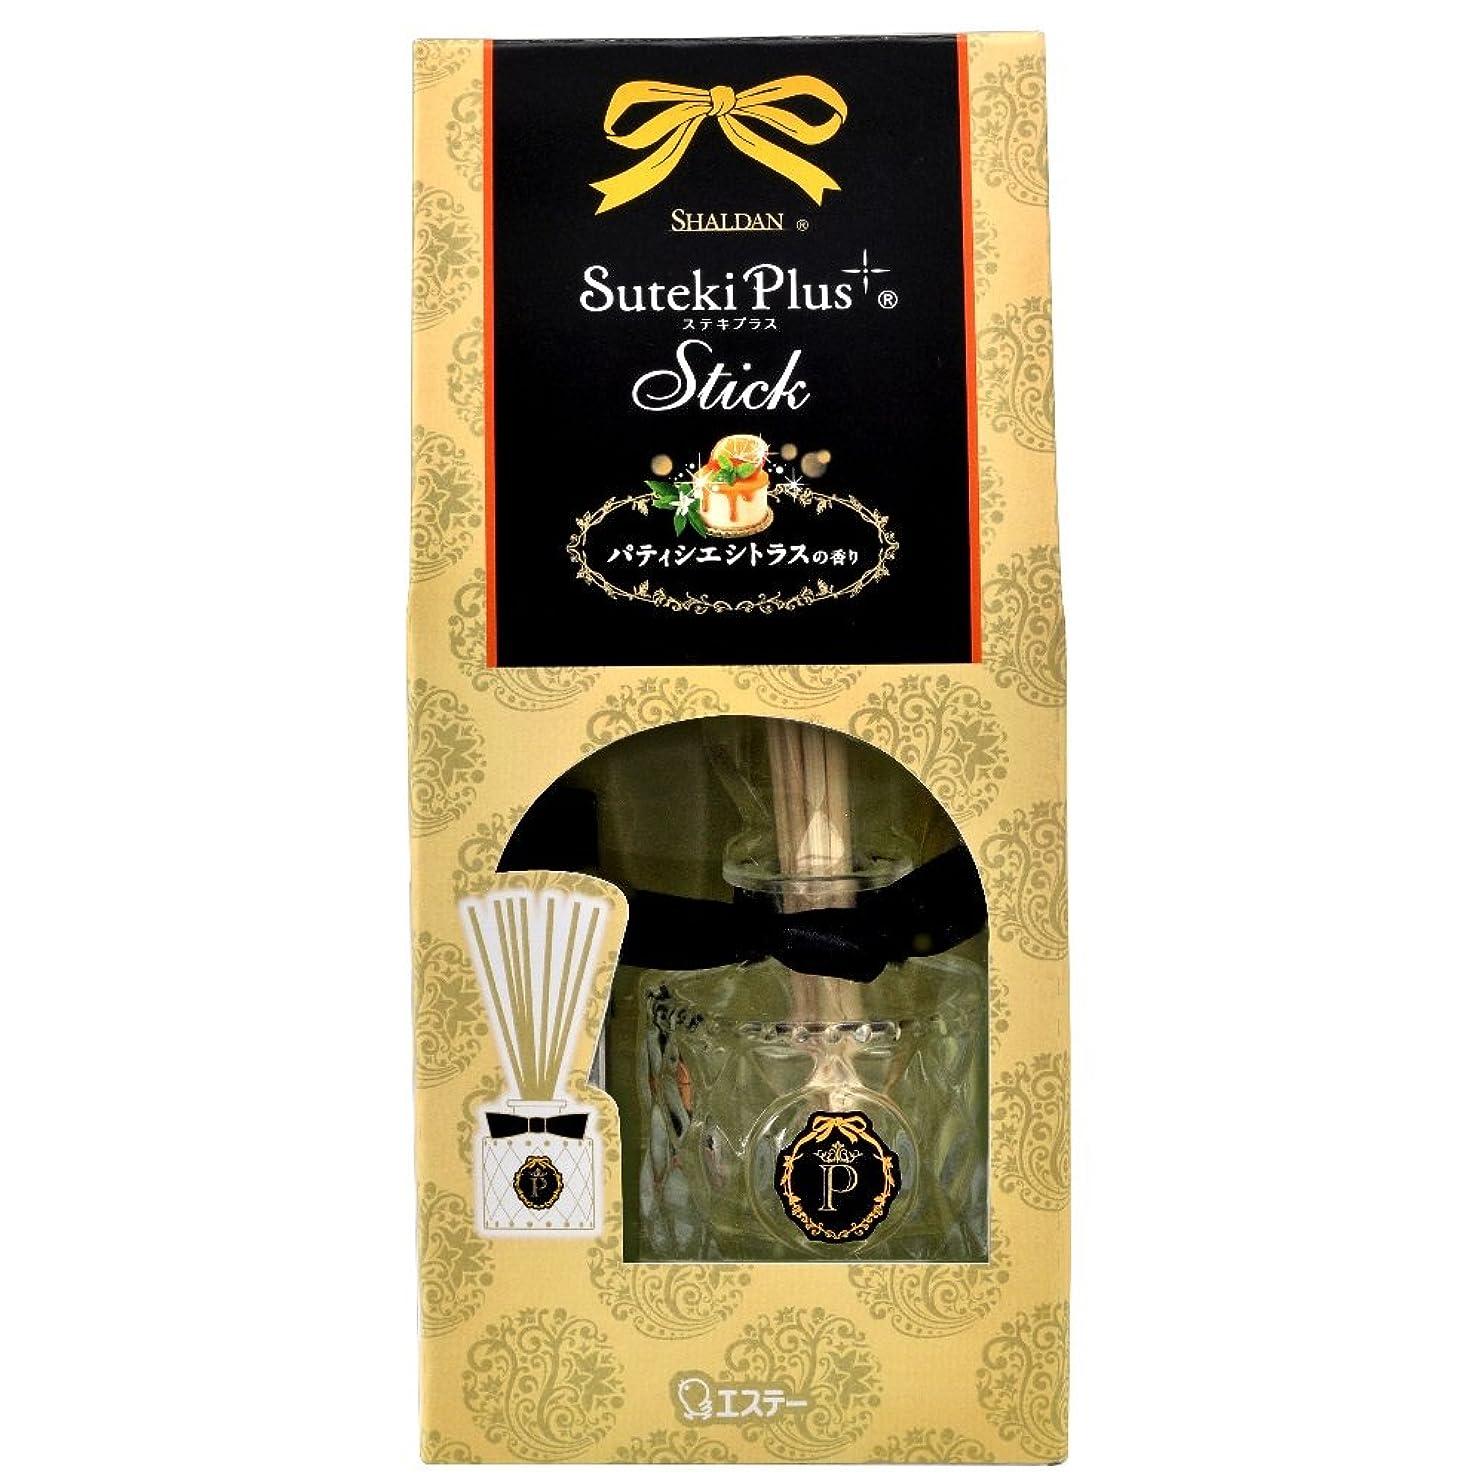 シャルダン ステキプラス スティック 消臭芳香剤 部屋用 本体 パティシエシトラスの香り 45ml